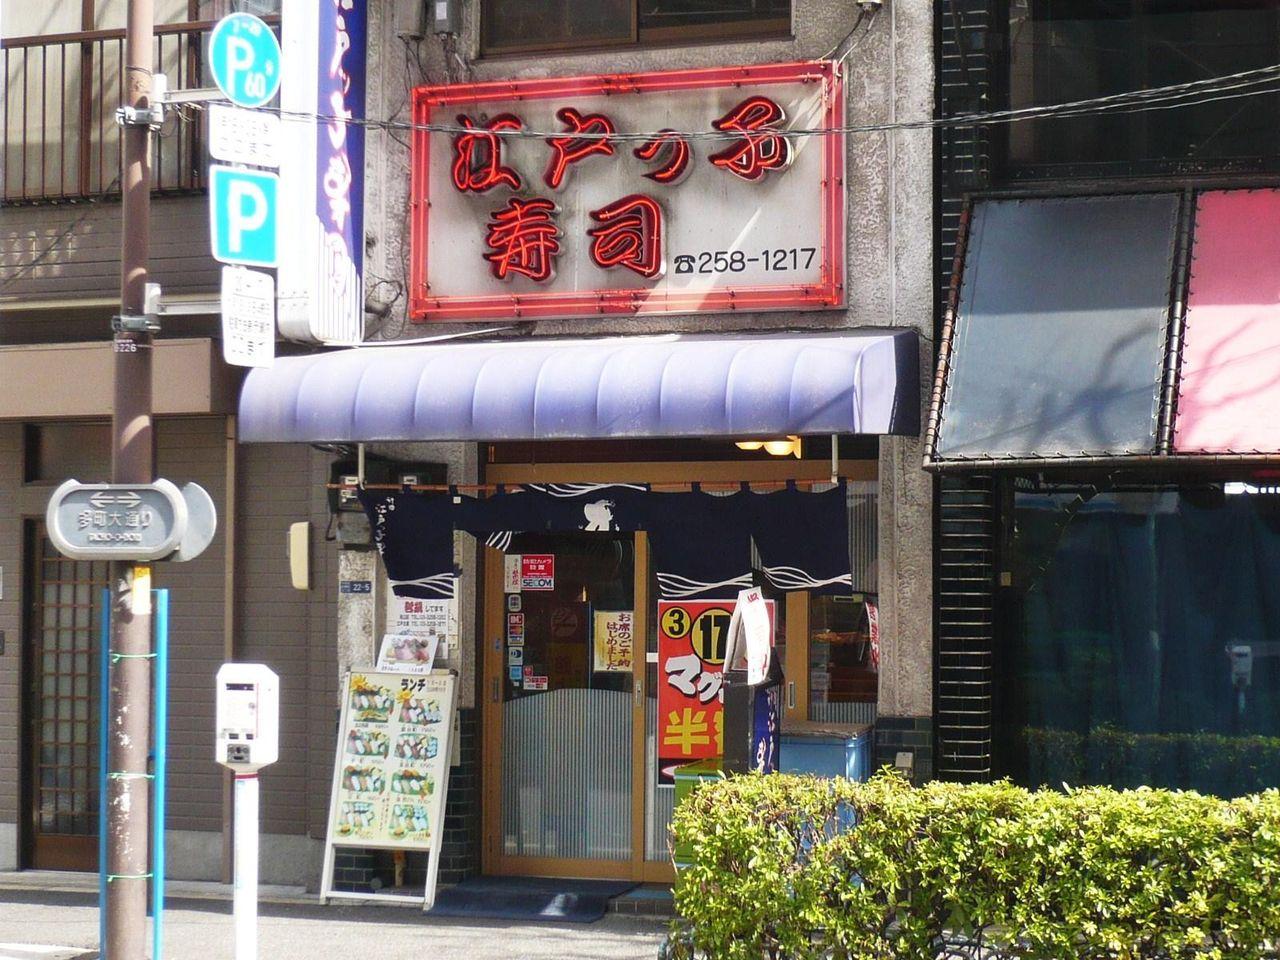 神田駅から徒歩2分、お店の前にPメーターもあります。